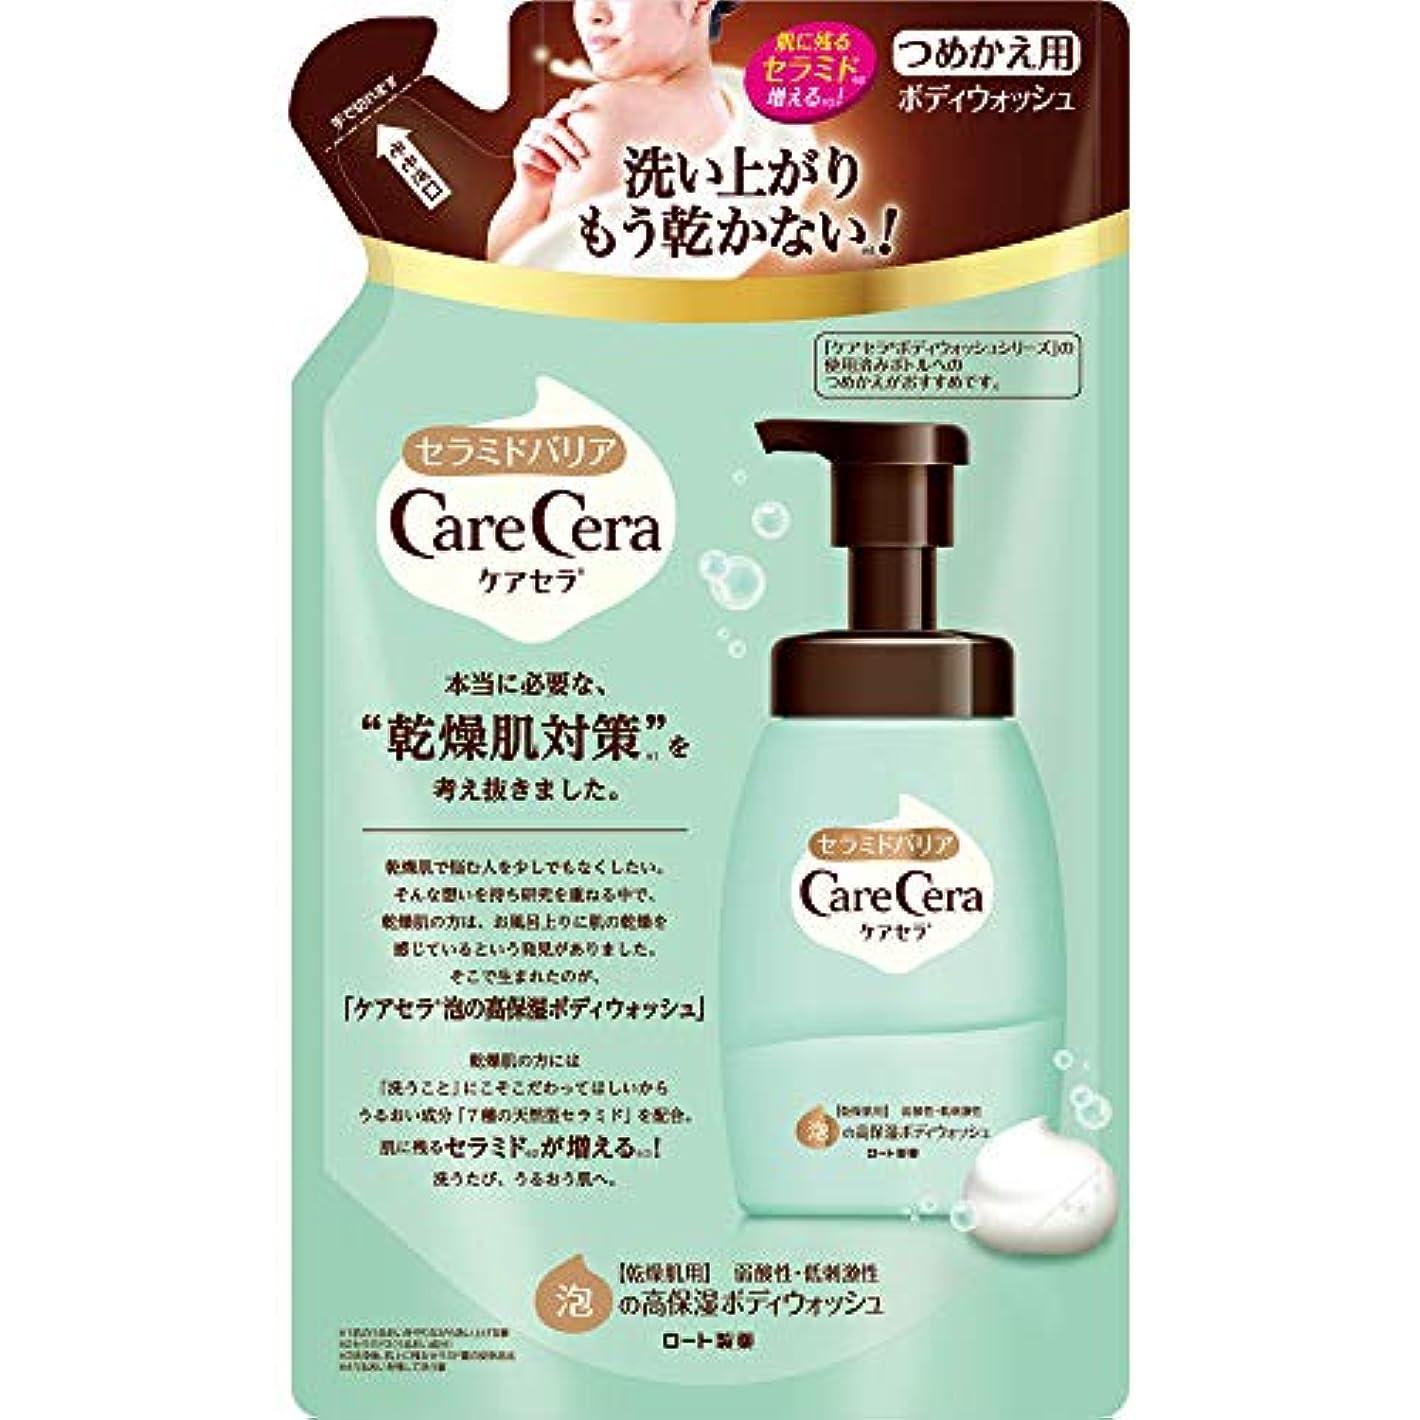 ポップ祖父母を訪問品CareCera(ケアセラ) 泡の高保湿 ボディウォッシュ 詰め替え 350mL